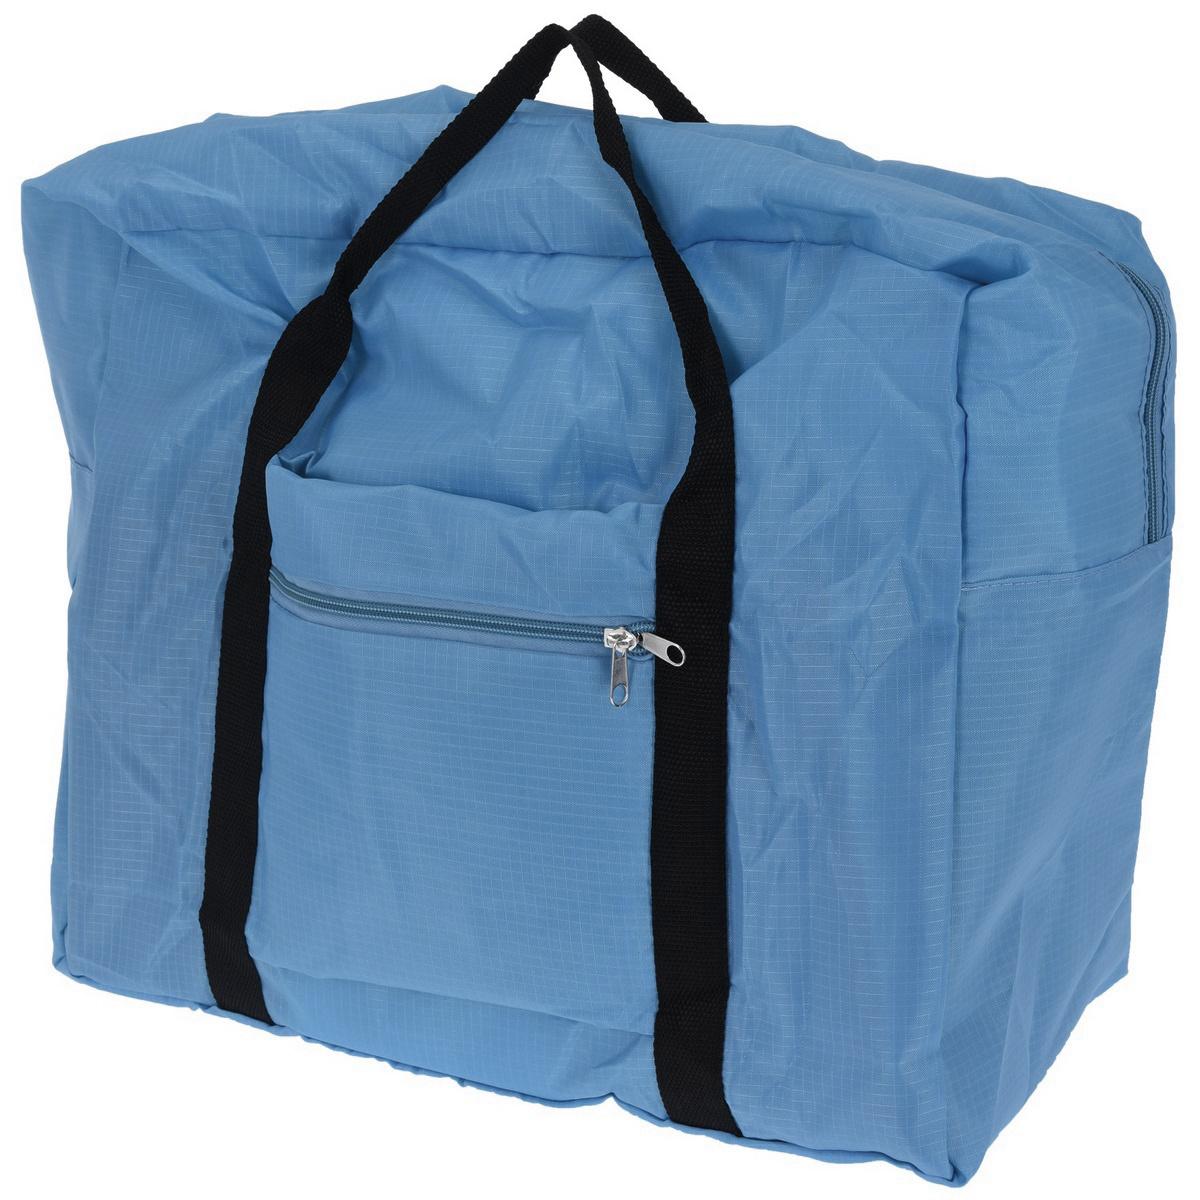 Koopman Skladacia cestovná taška tmavomodrá, 44 x 37 x 20 cm